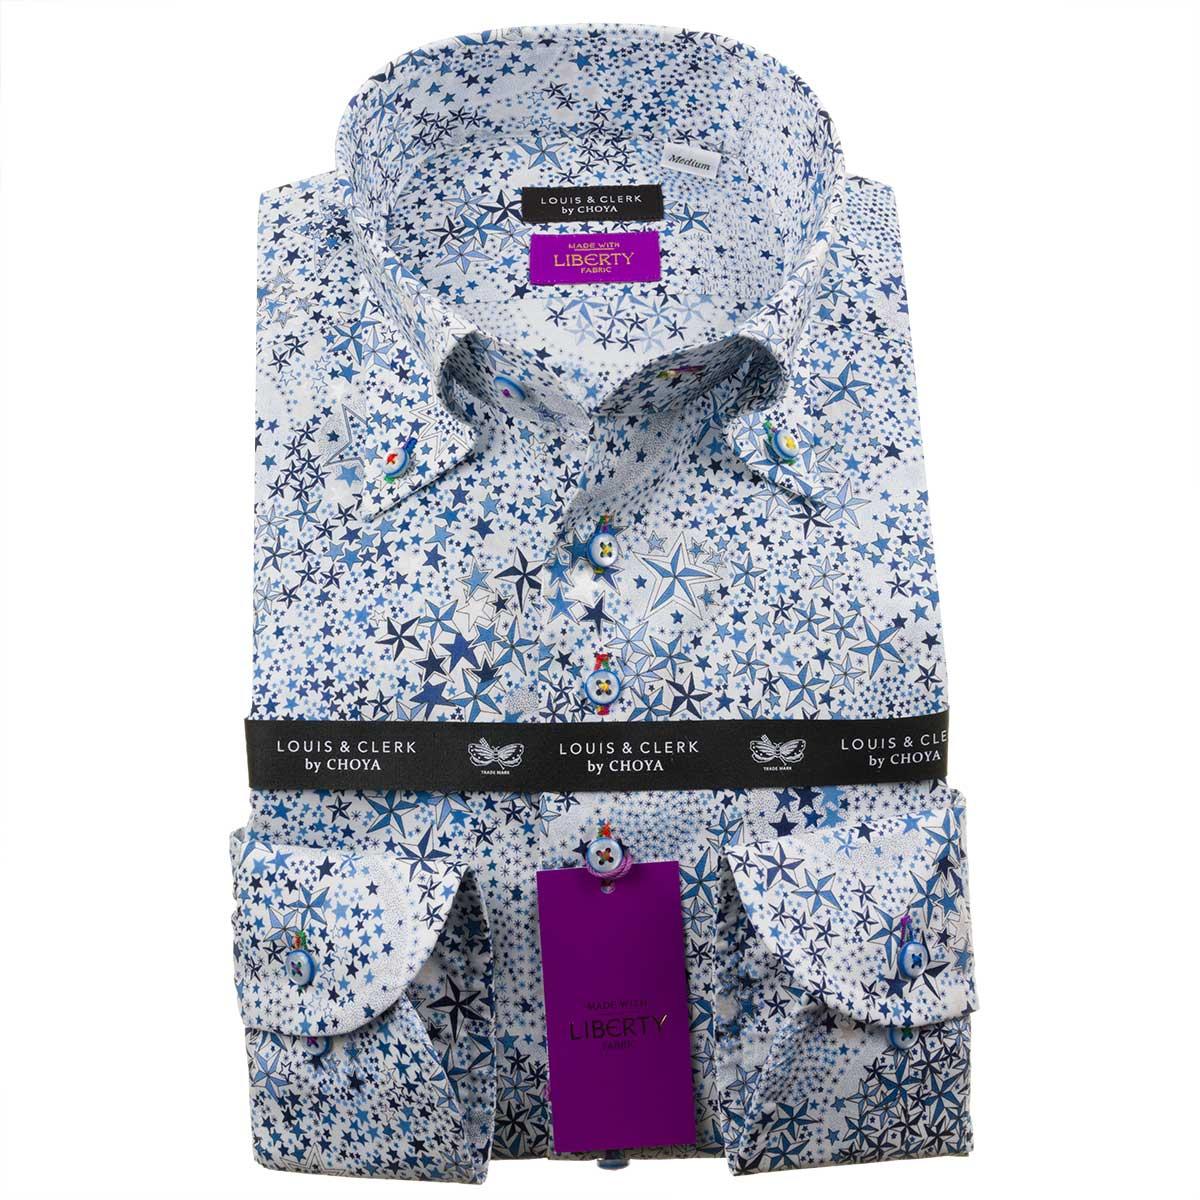 LLサイズ 珍しい星モチーフ リバティプリント タナローン ドレスシャツ ワイシャツ シャツ メンズ 国産 OUTLETS 綿100% コンフォート 長袖 ボタンダウン 価格 fs3gm アデラジャ 高価値 2109_rld